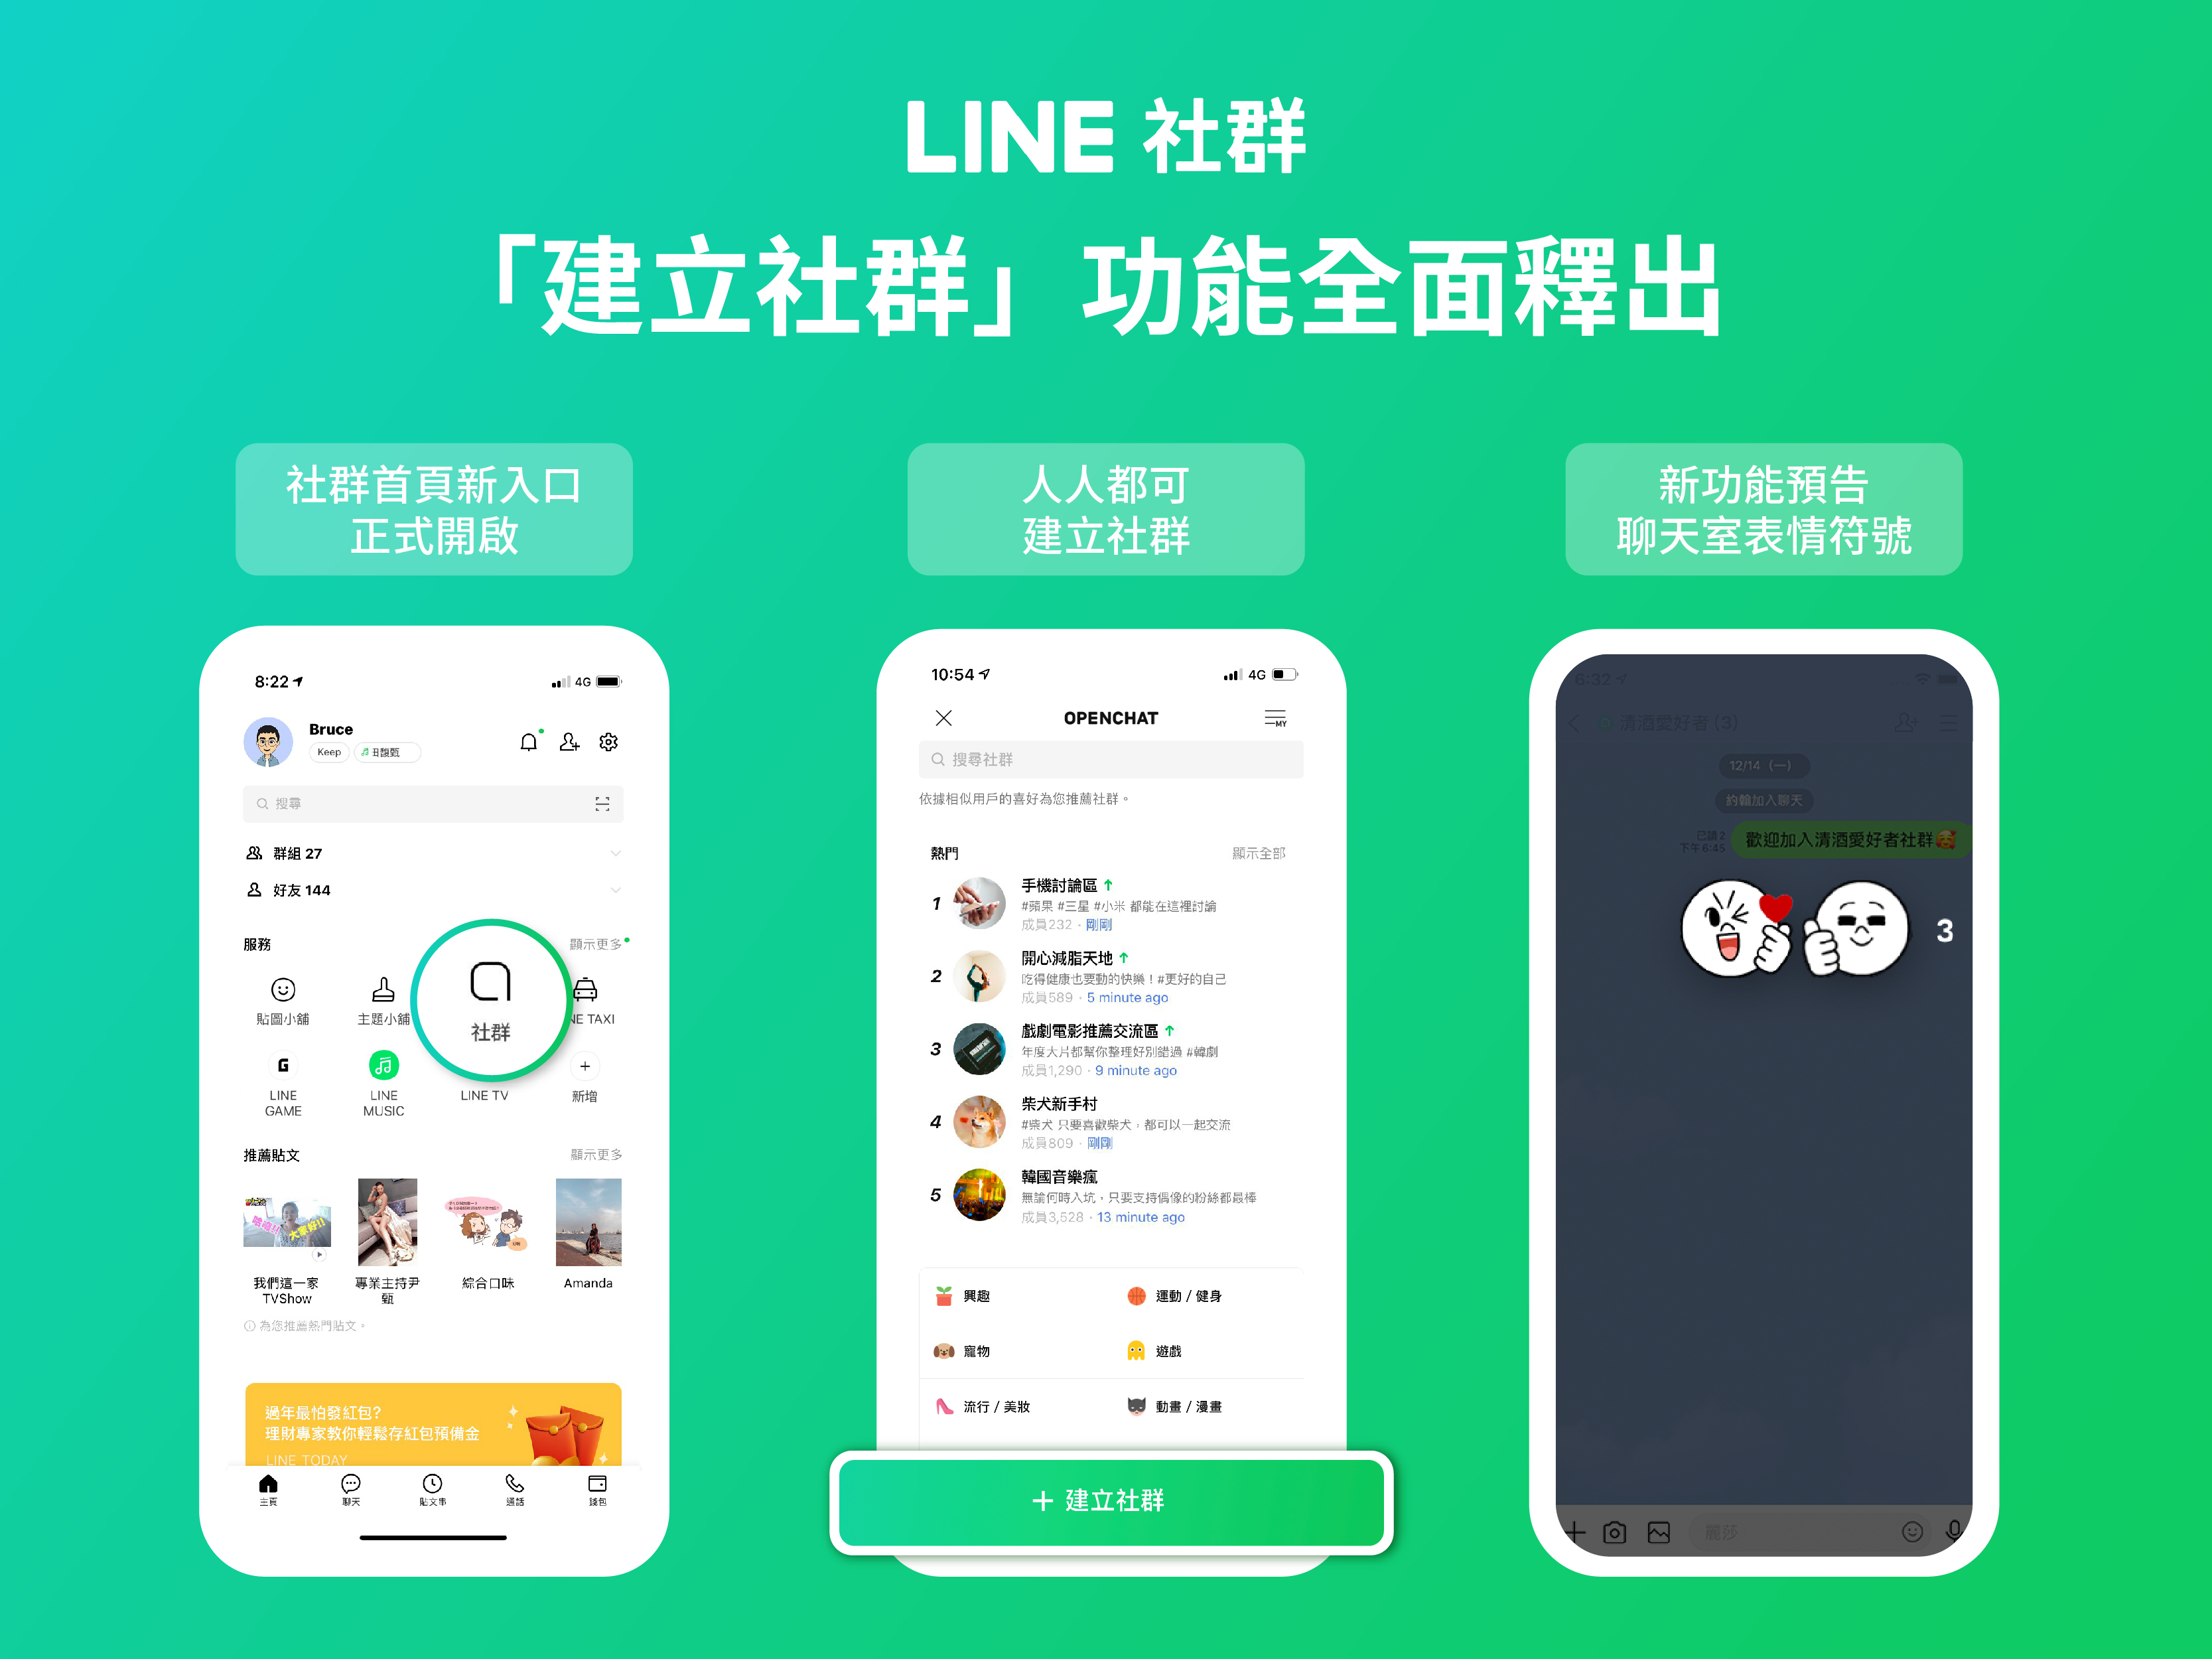 只能「加入」,但還無法自己「建立」社群嗎? LINE 今(8)日宣佈全新網路聊天室「LINE社群」已全面釋出「建立社群」功能,讓人人都能盡情體驗當社群版主,與管理聊天室的樂趣。